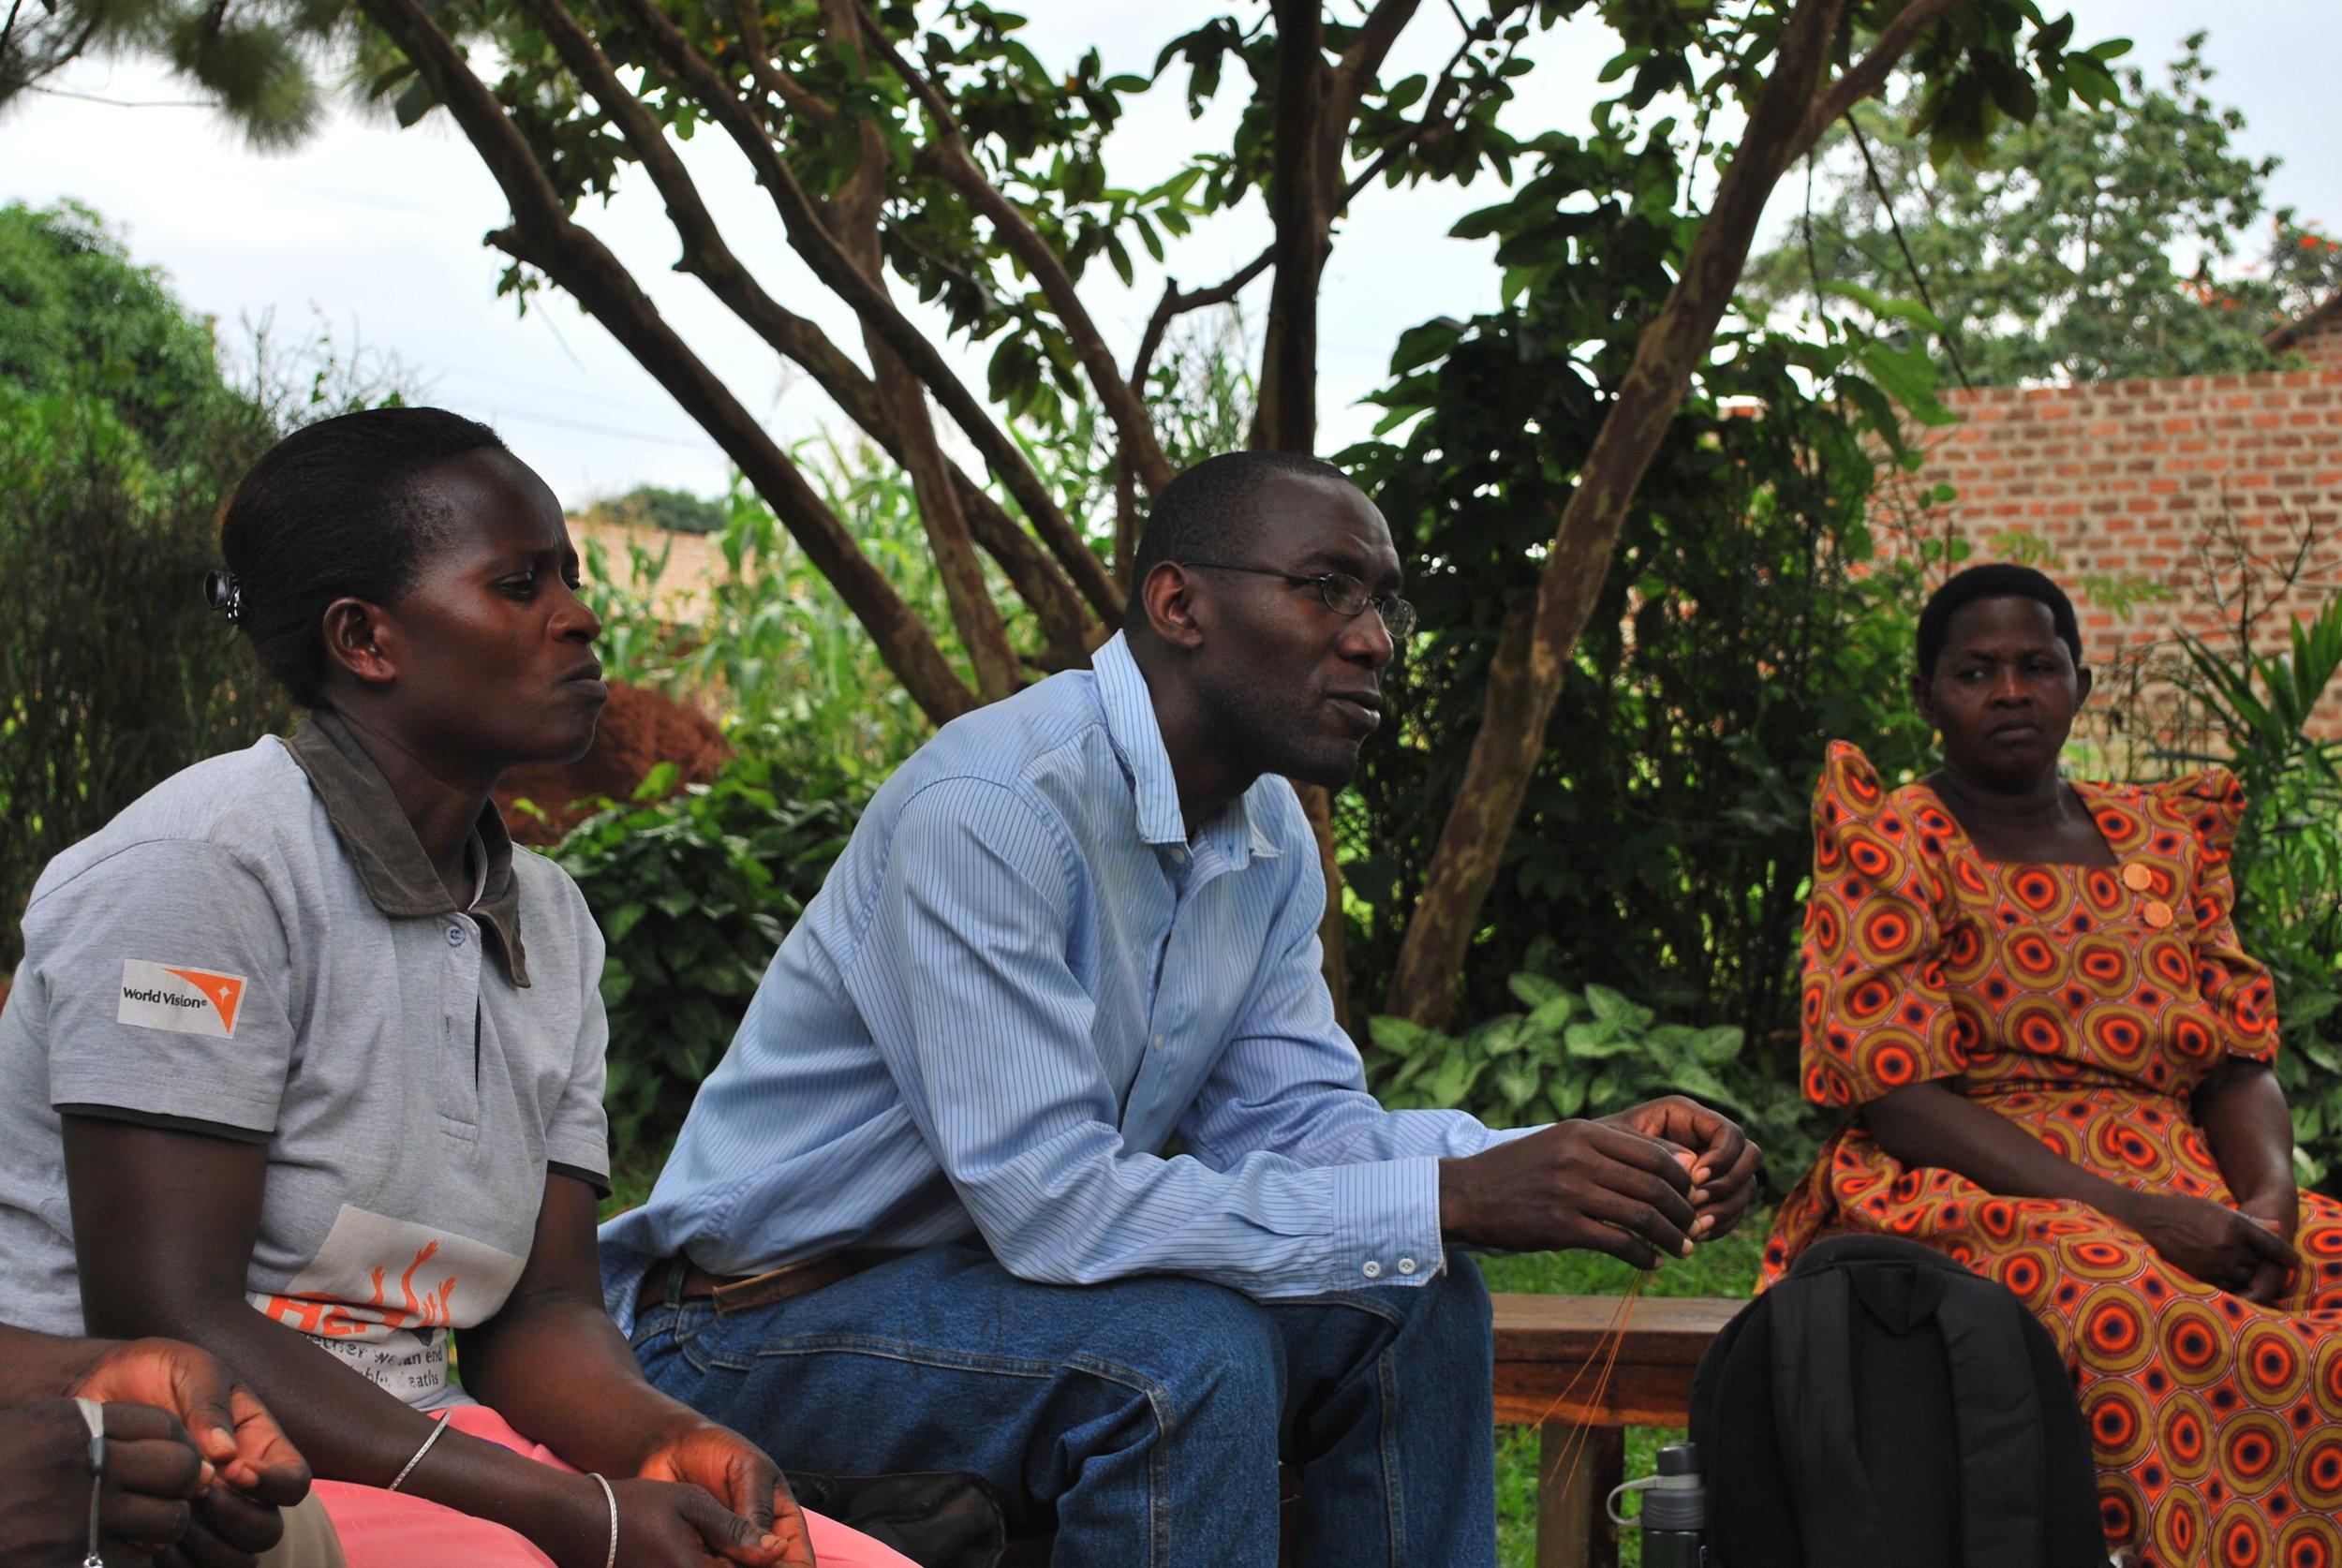 Dr. Robert Kalyesubula speaks during a community health meeting in Nakaseke.